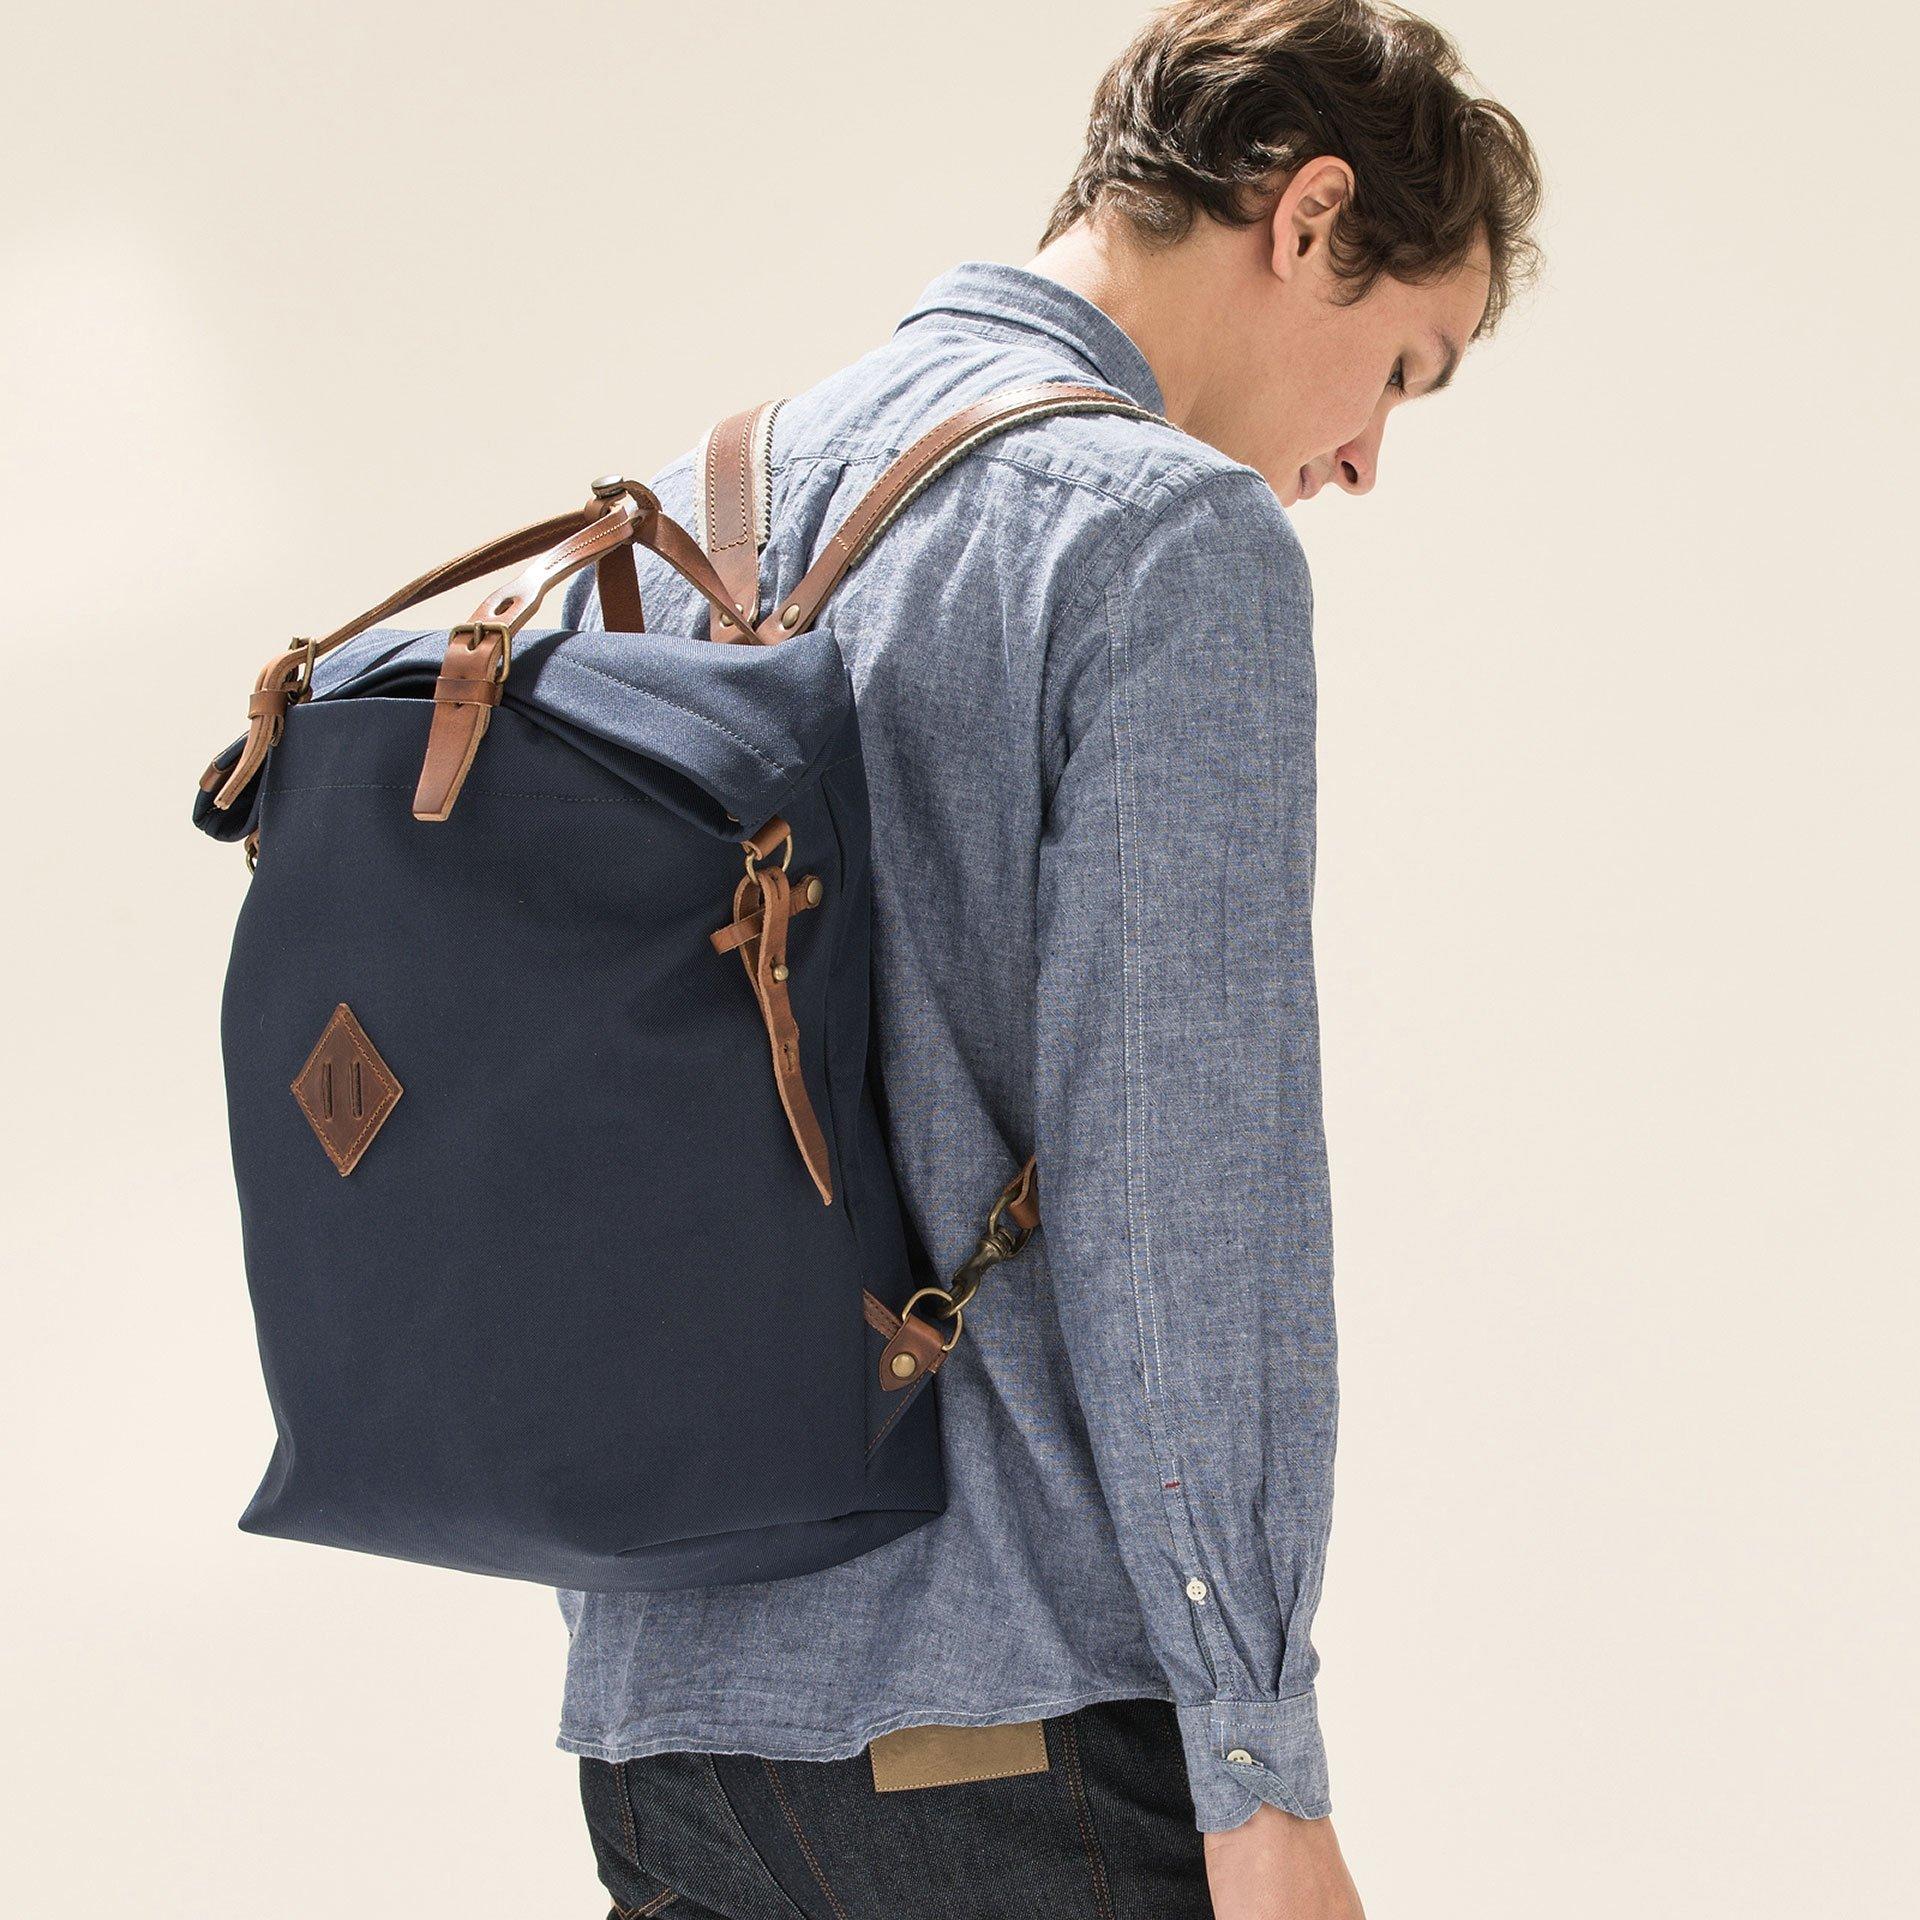 Woody M Backpack - Peacoat Blue (image n°5)